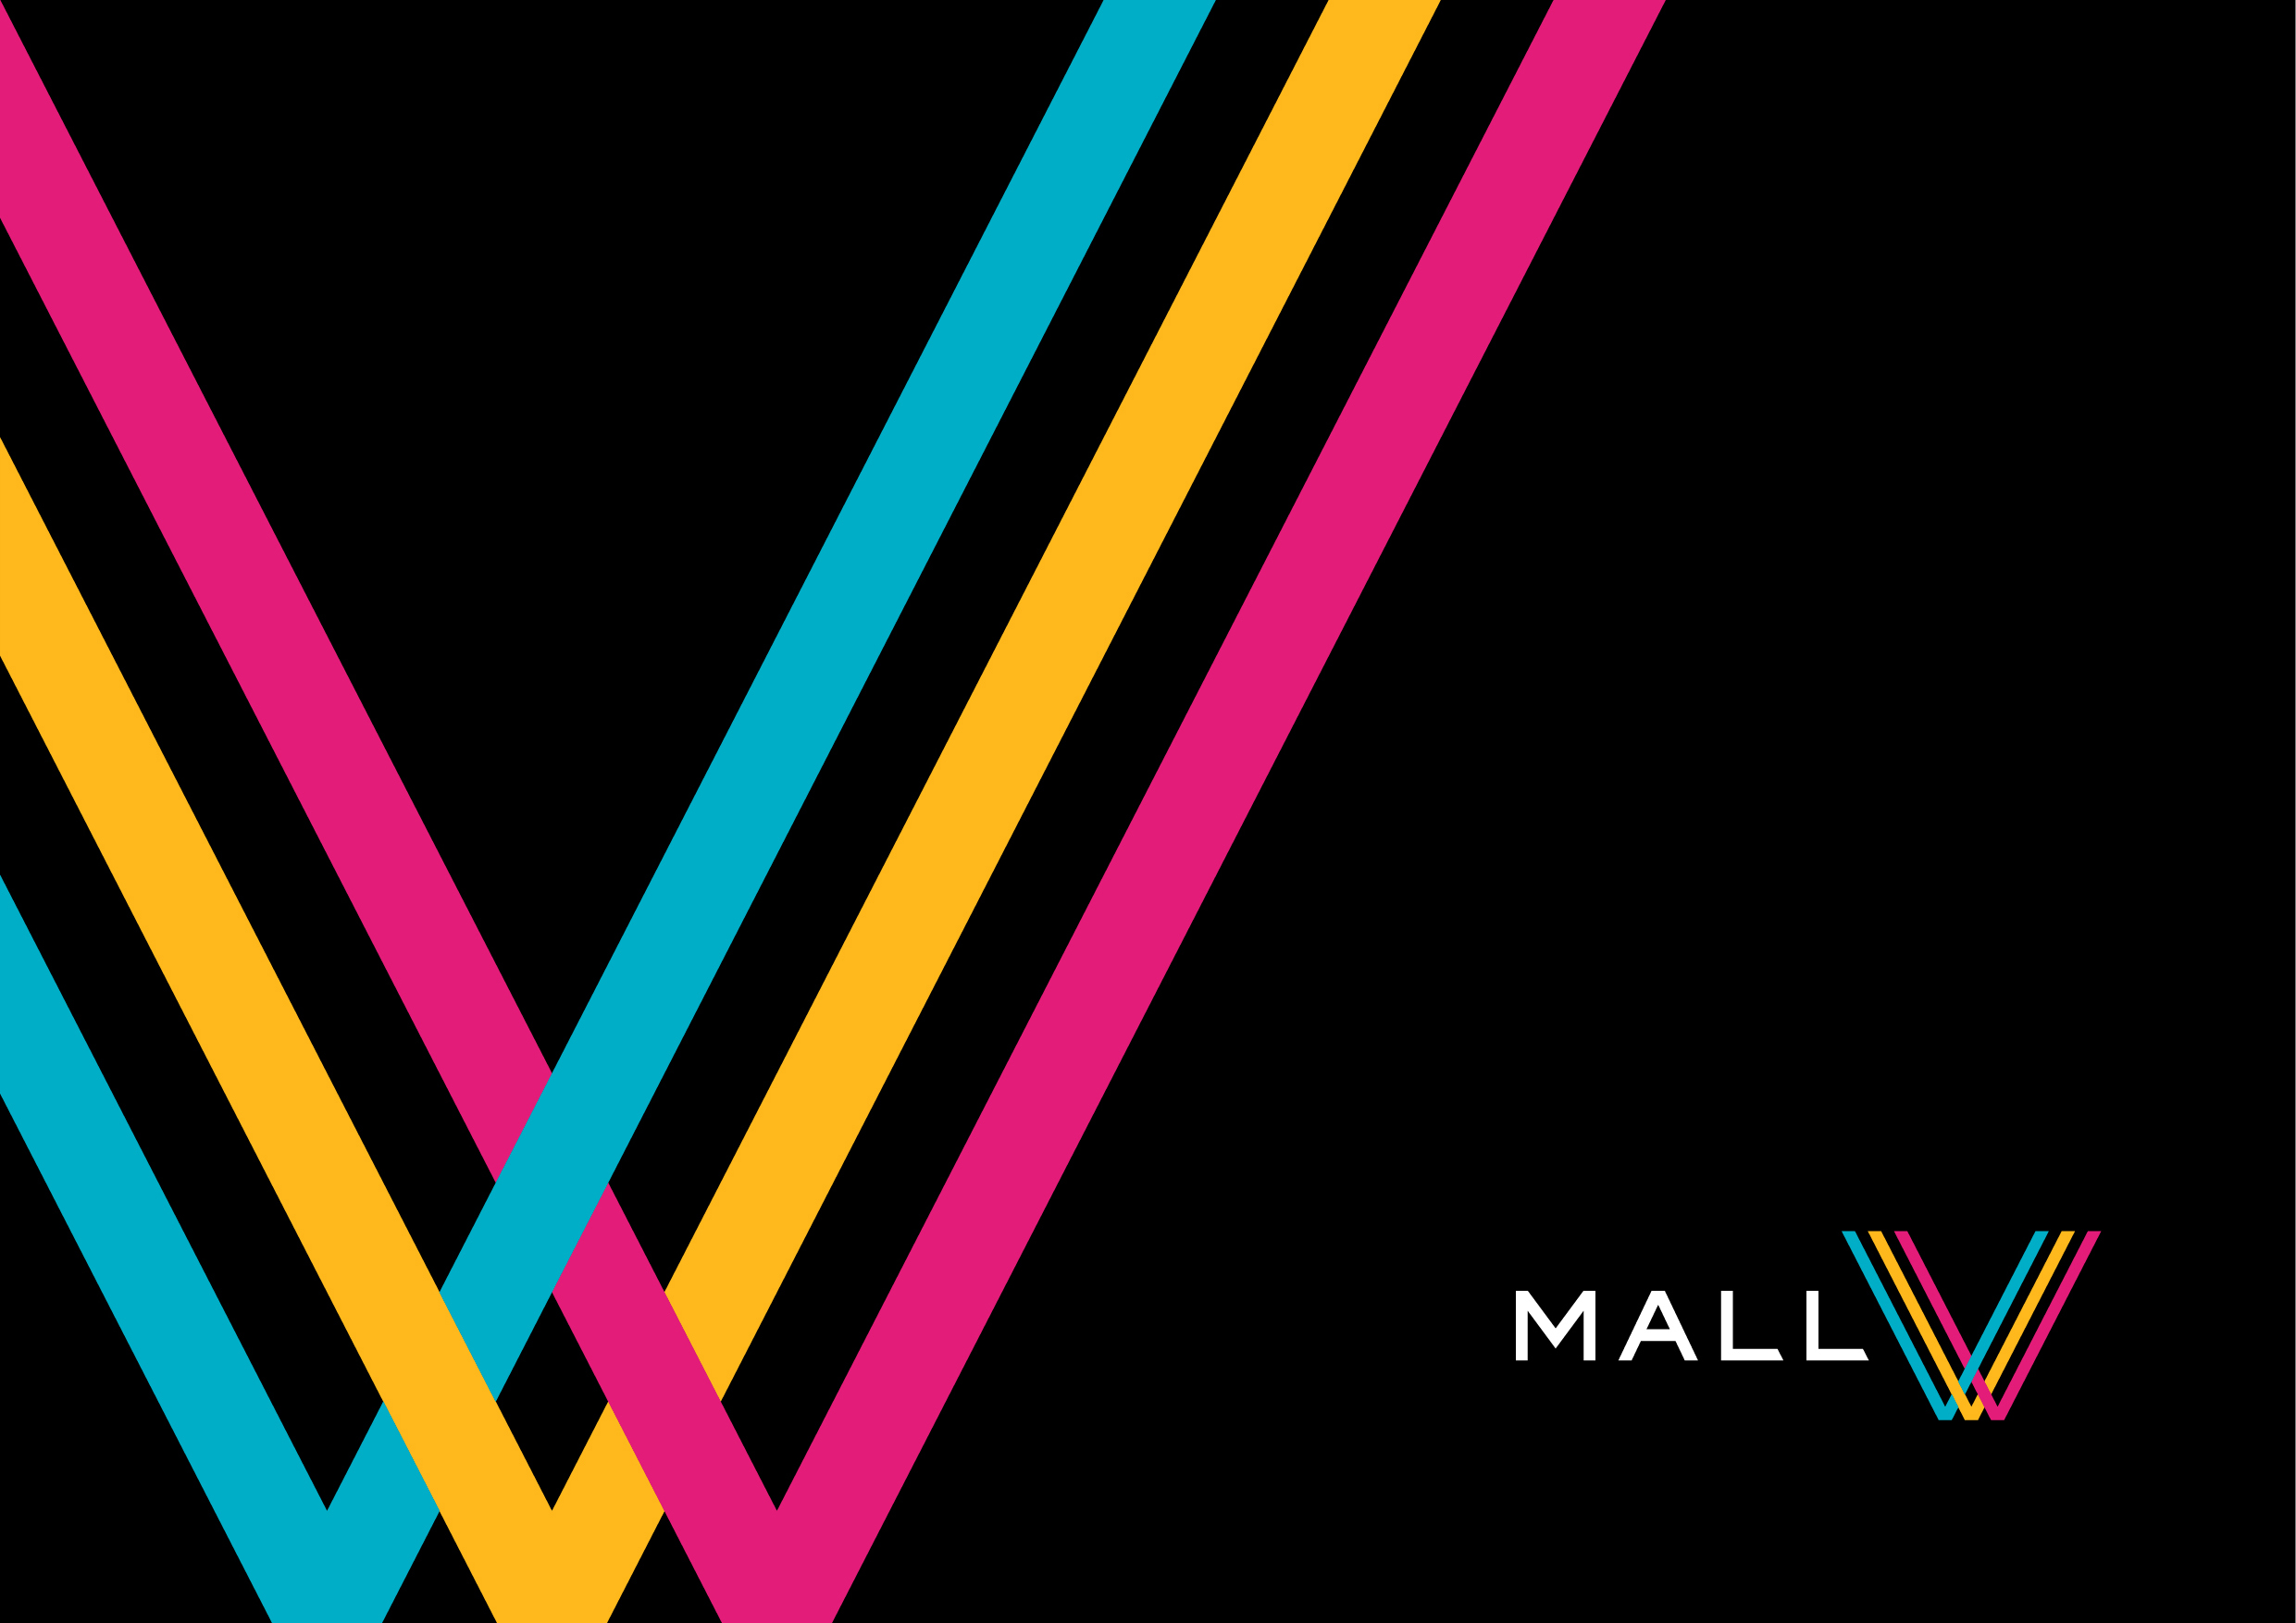 Mall V logo 2.jpg